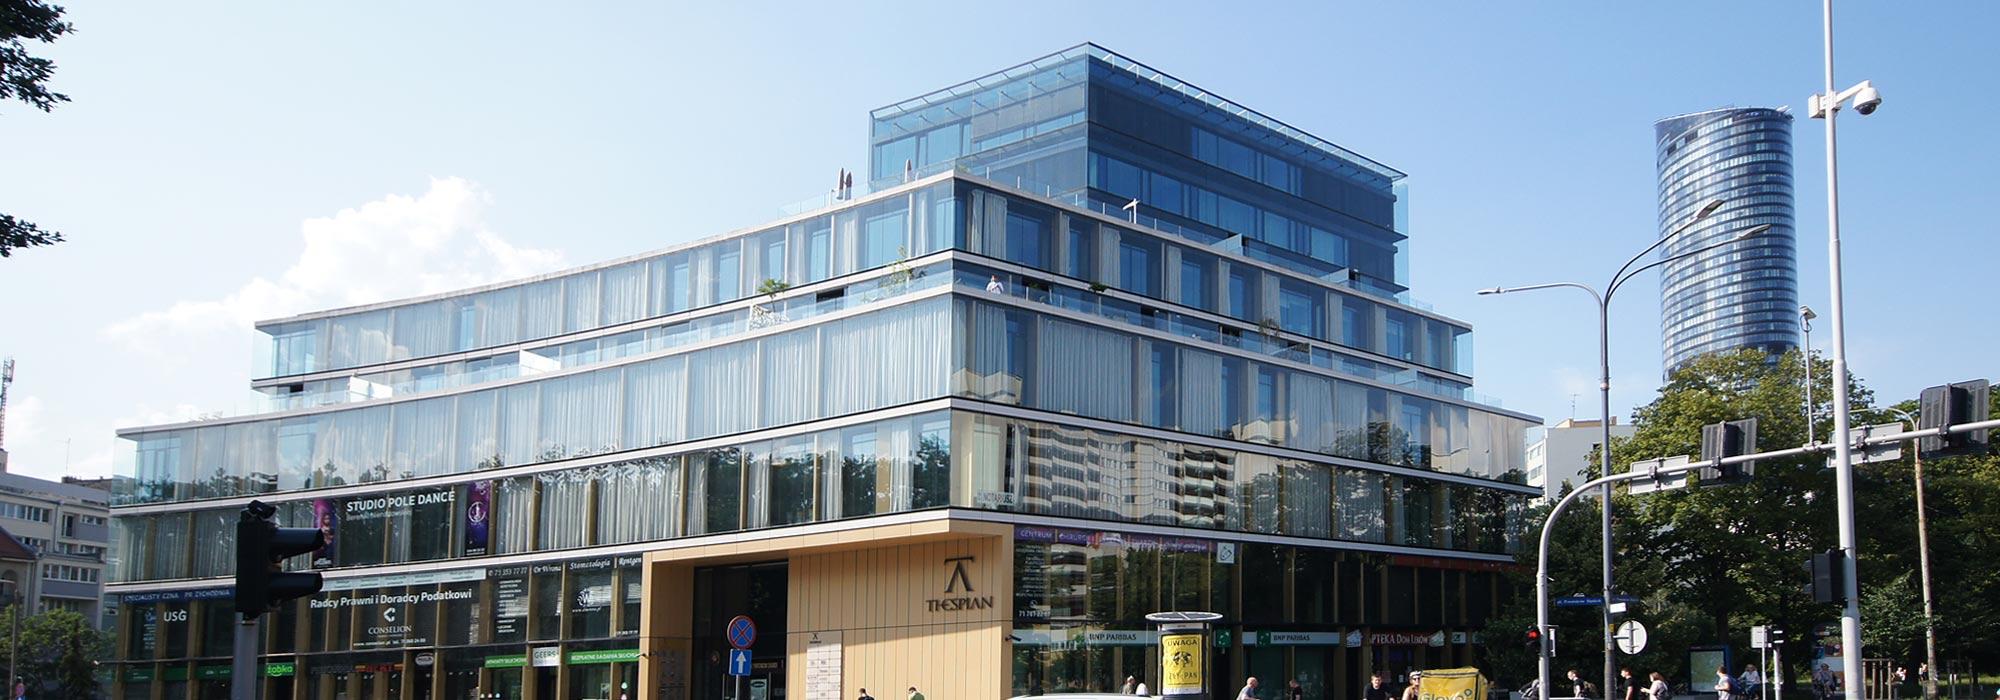 Na wynajem apartament w Thespianie we Wrocławiu